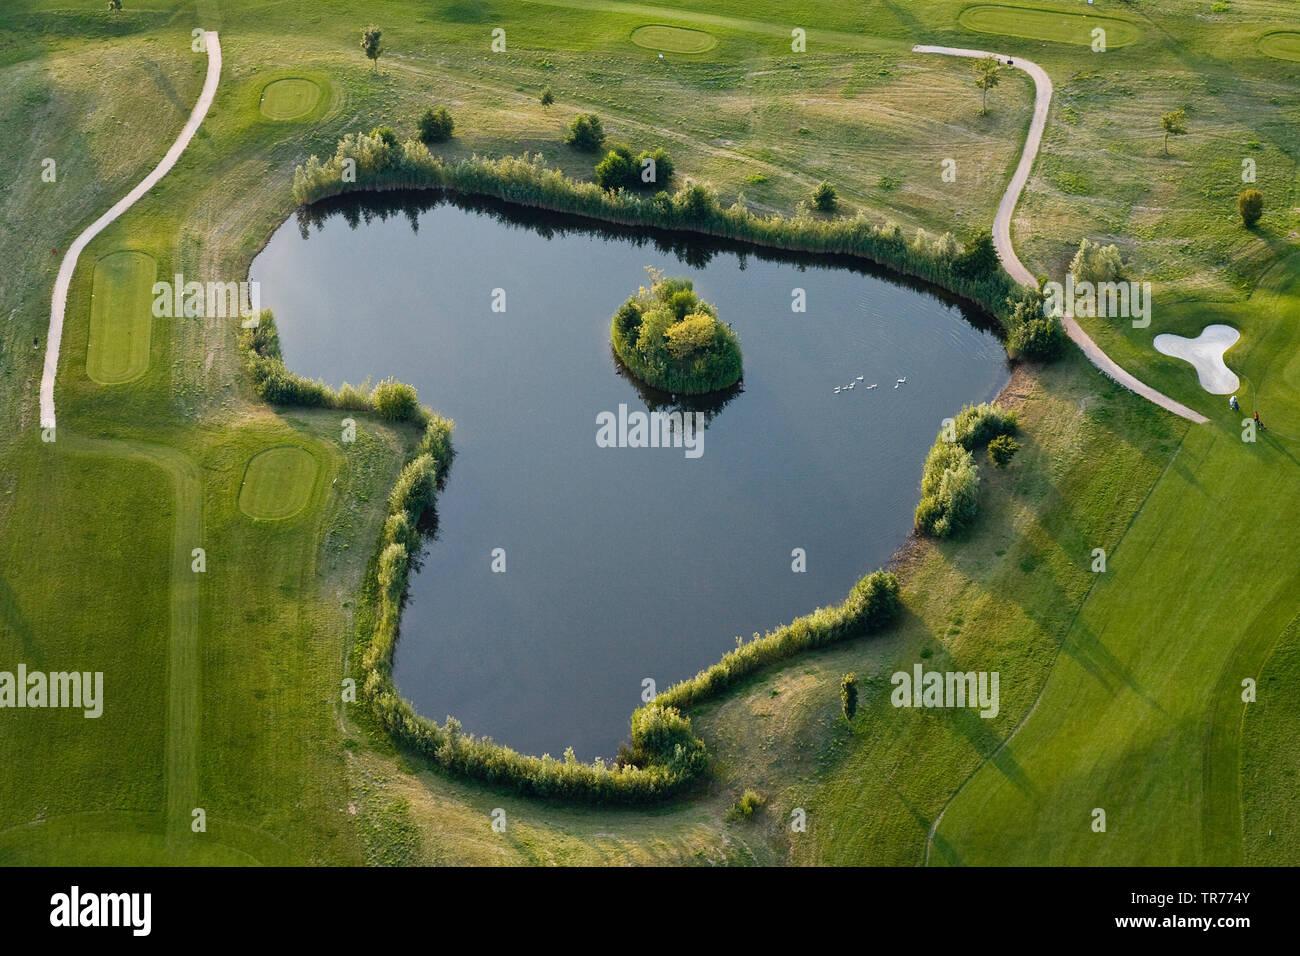 Golfplatz mit Teich in Nordholland, Luftbild, Niederlande, Nordholland | golf course mit pond in North Holland, aerial view, Netherlands, Northern Net - Stock Image